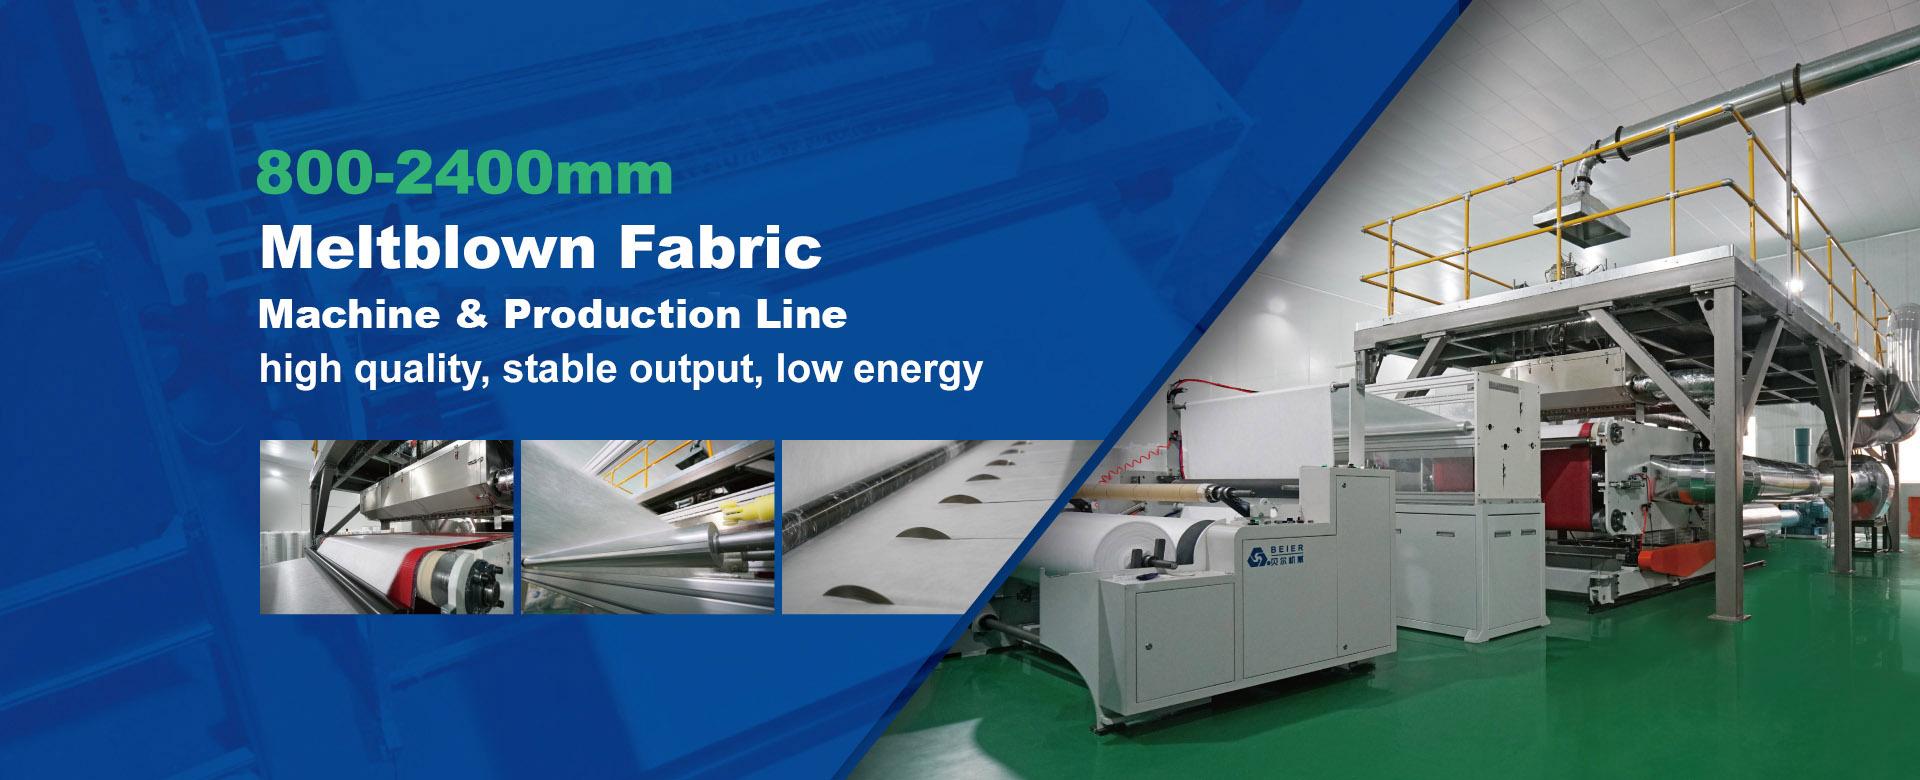 Beier meltblown fabric machine